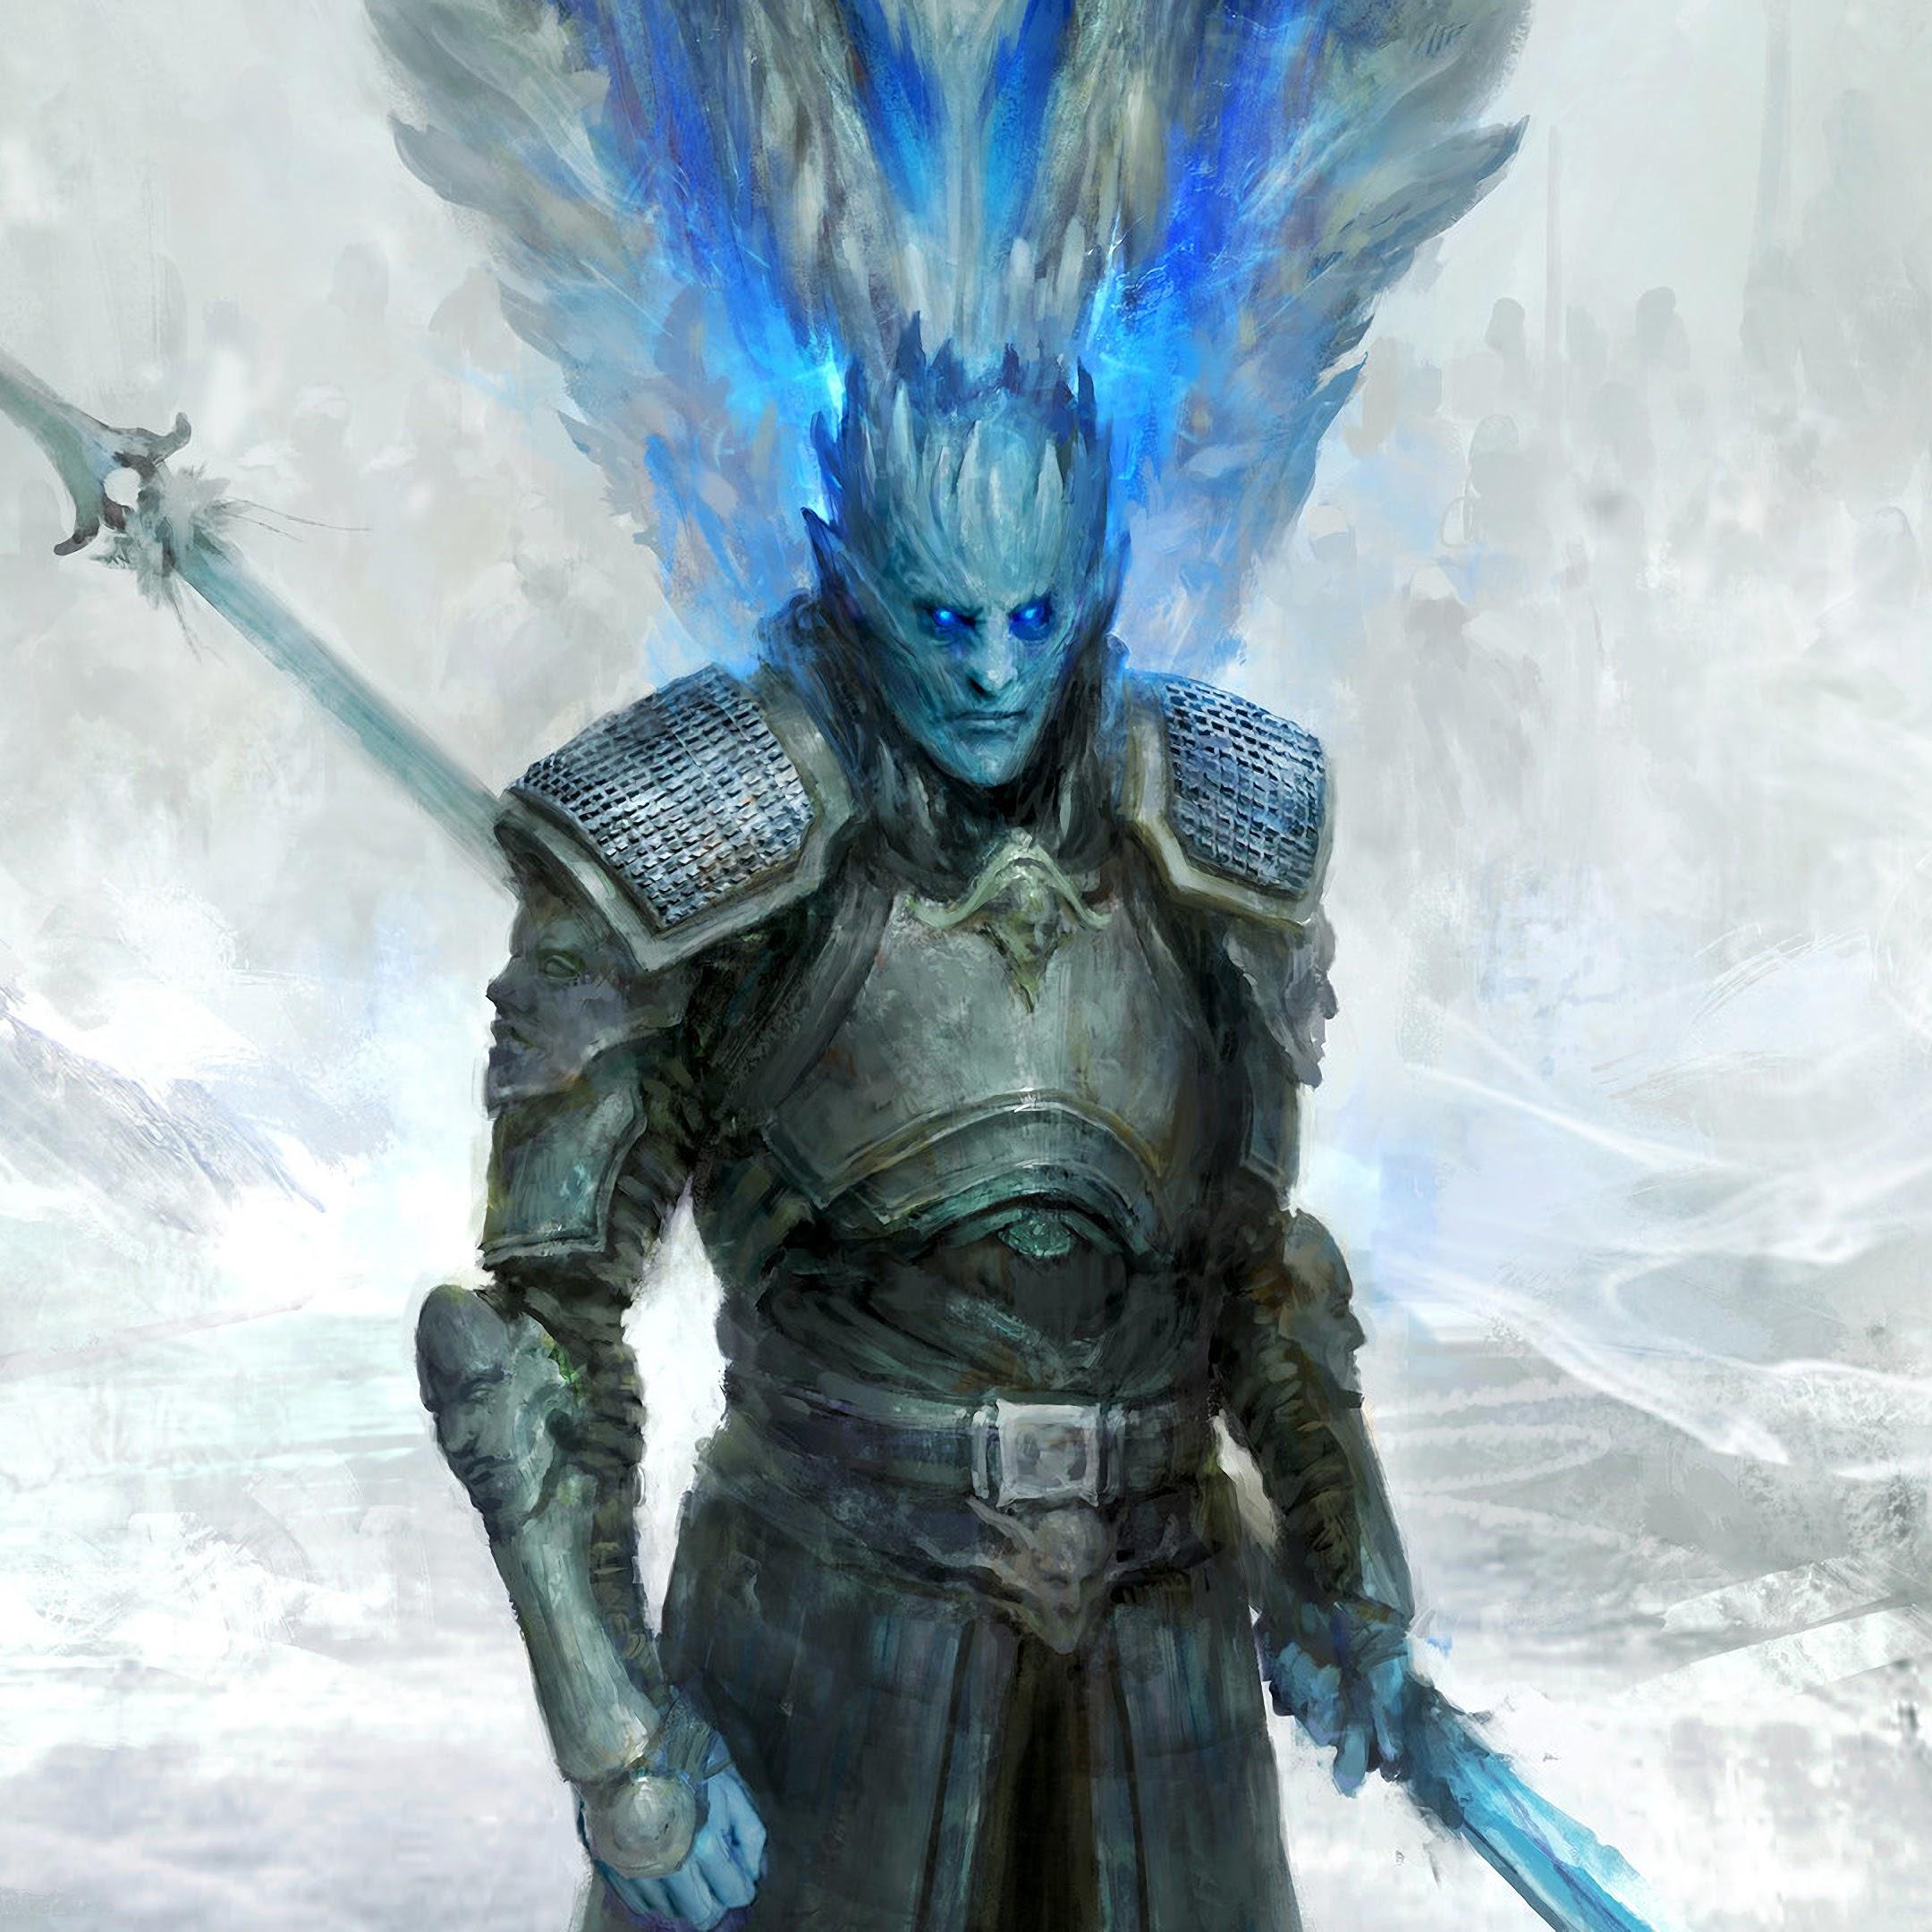 Night King, Game Of Thrones, 4K, #41 Wallpaper